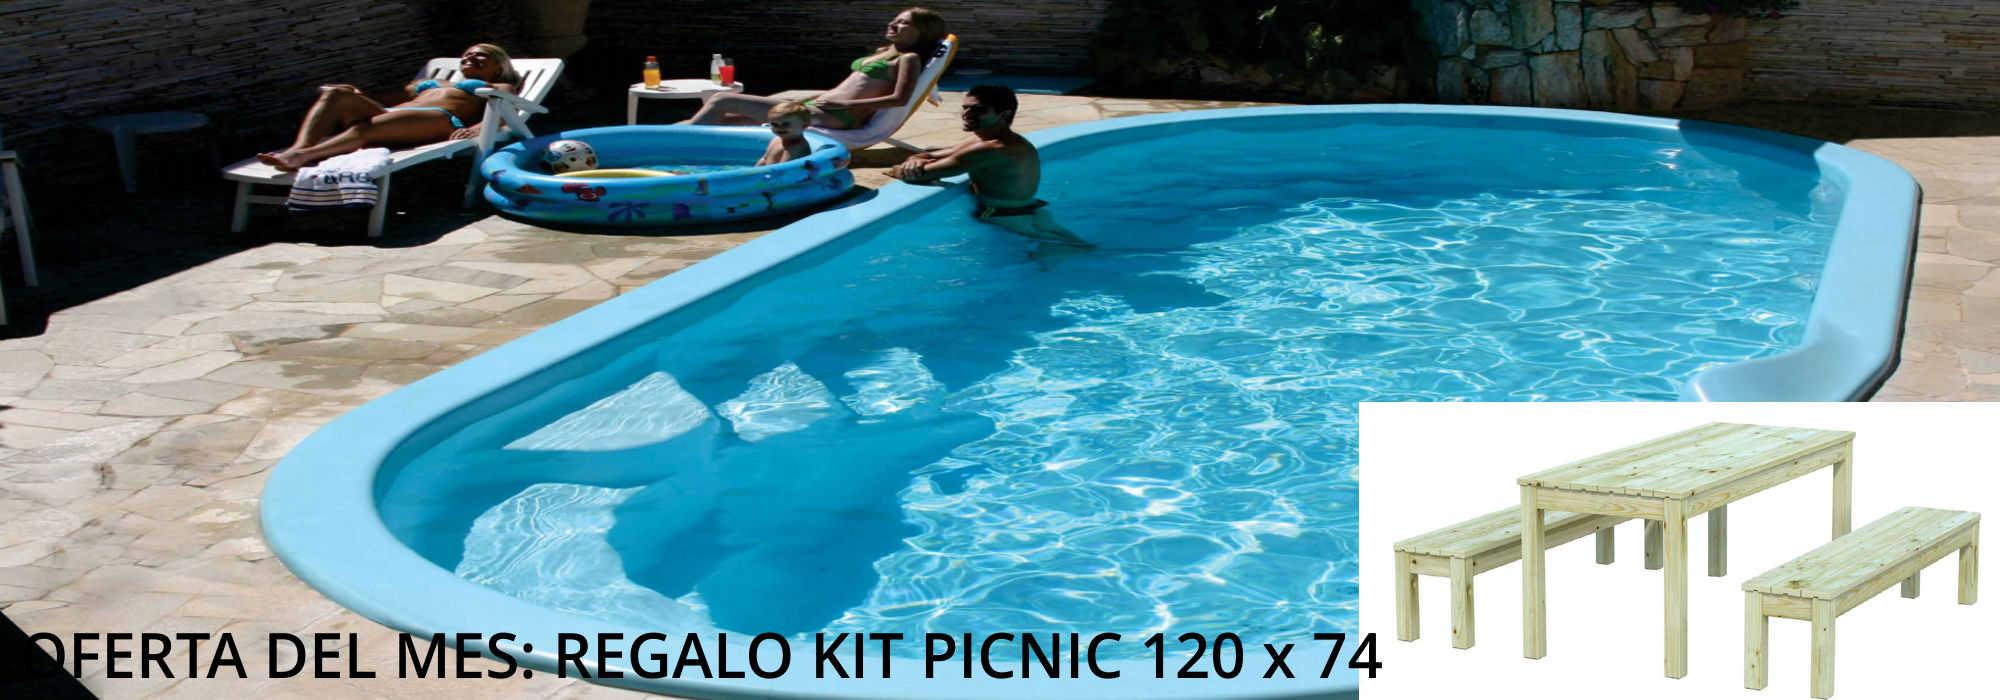 Cuanto cuesta una piscina elegant cunto cuesta hacer una for Cuanto vale poner una piscina